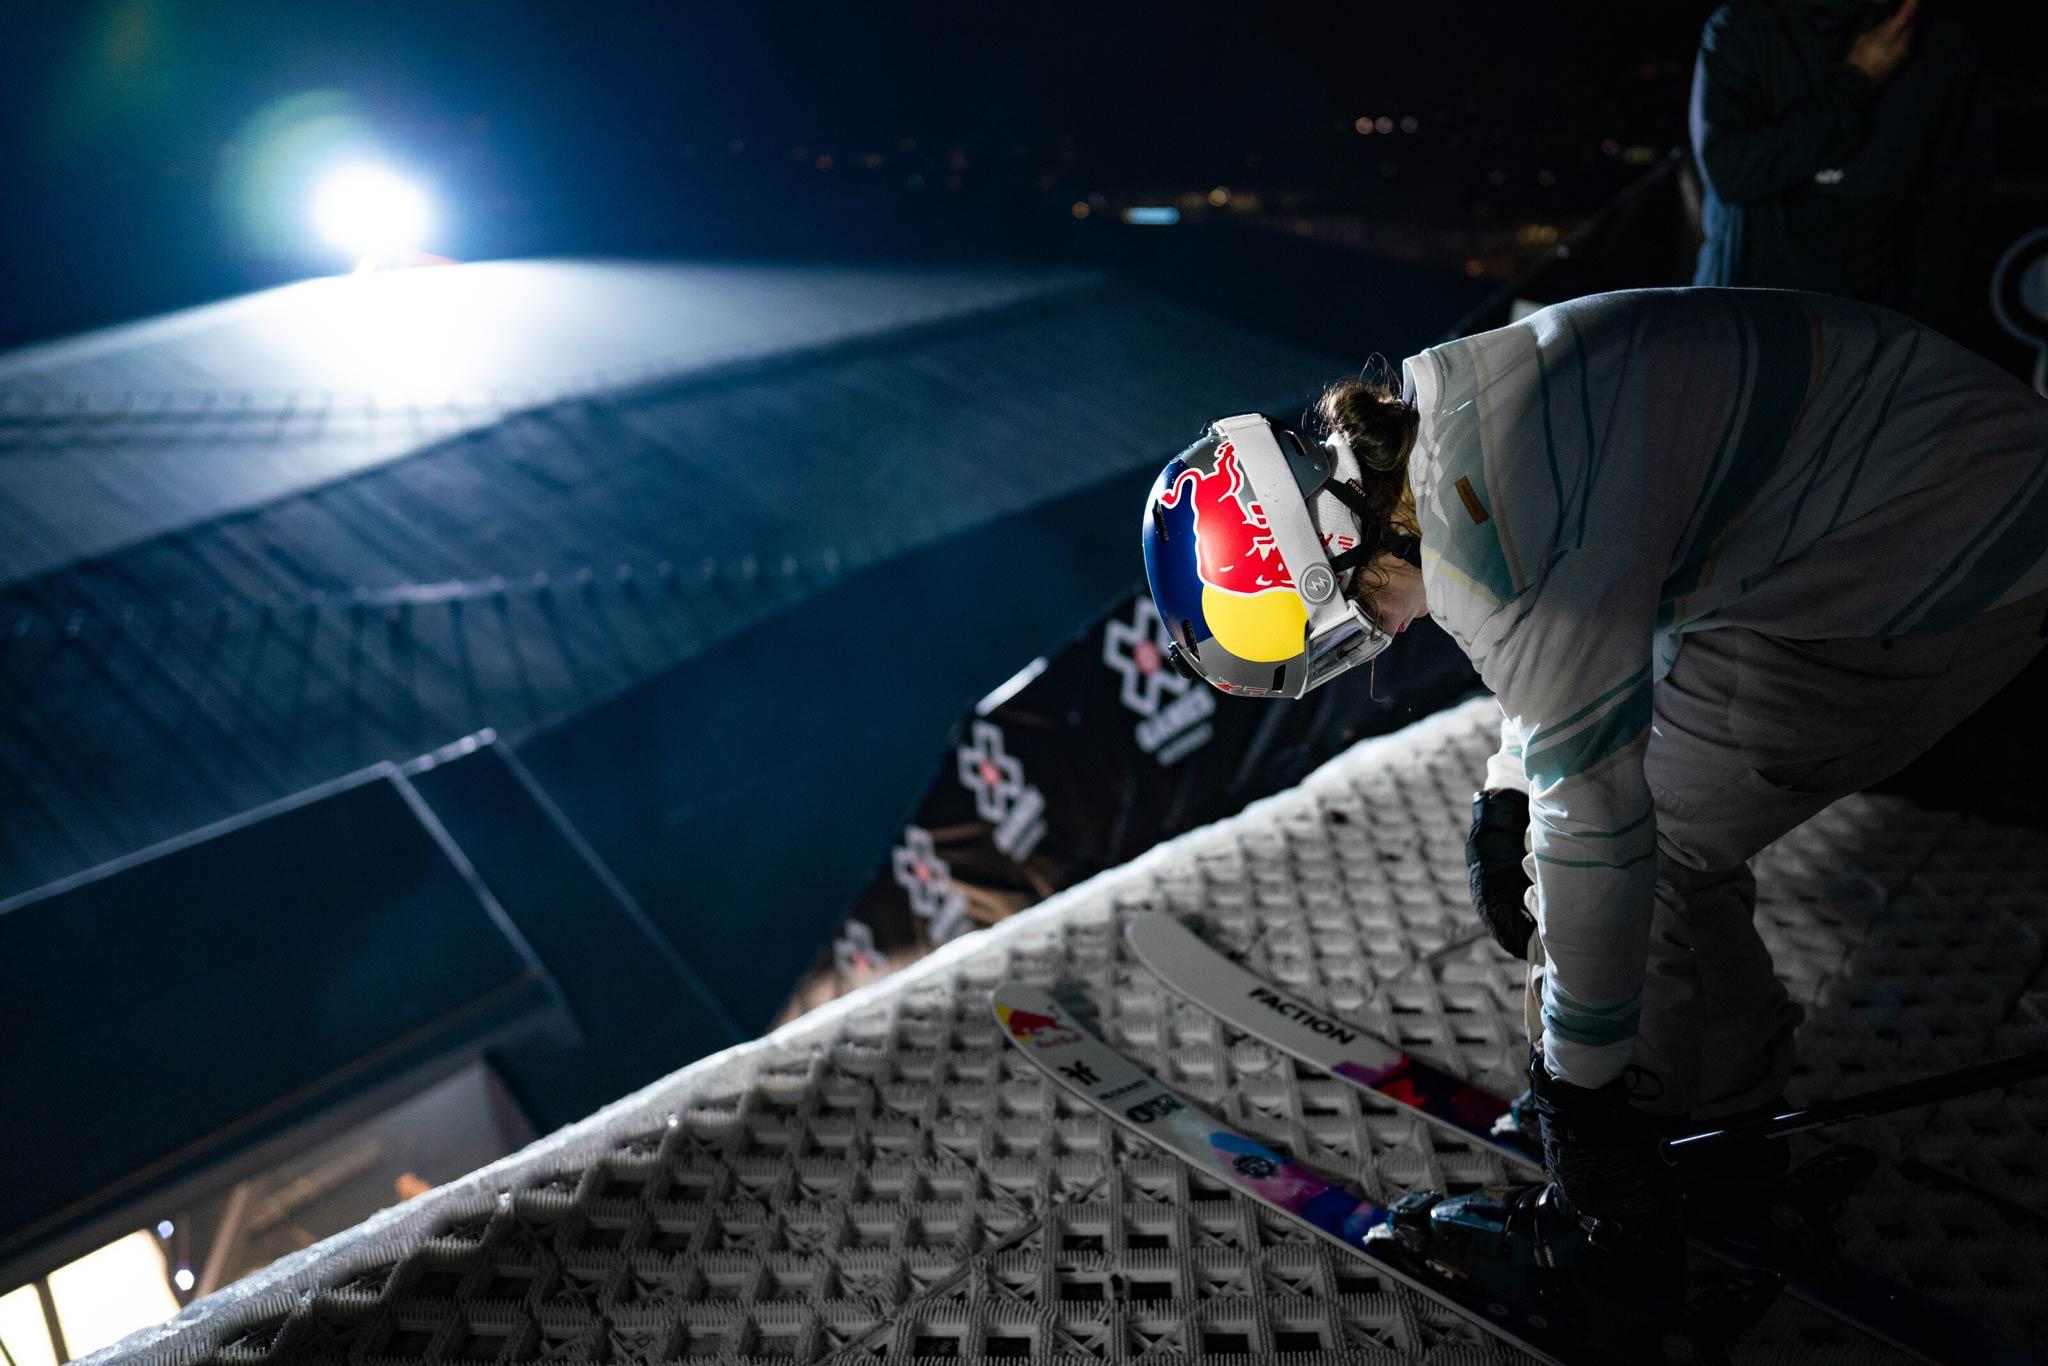 Der Dropin war beim Big Air Contest in Oslo eine besondere Herausforderung: Er reichte über das Dach des Stadions hinaus. Beim Start am höchsten Punkt der Rampe konnten die Rider den Absprung nicht sehen. Rider: Mathilde Gremaud - Foto: Red Bull Content Pool